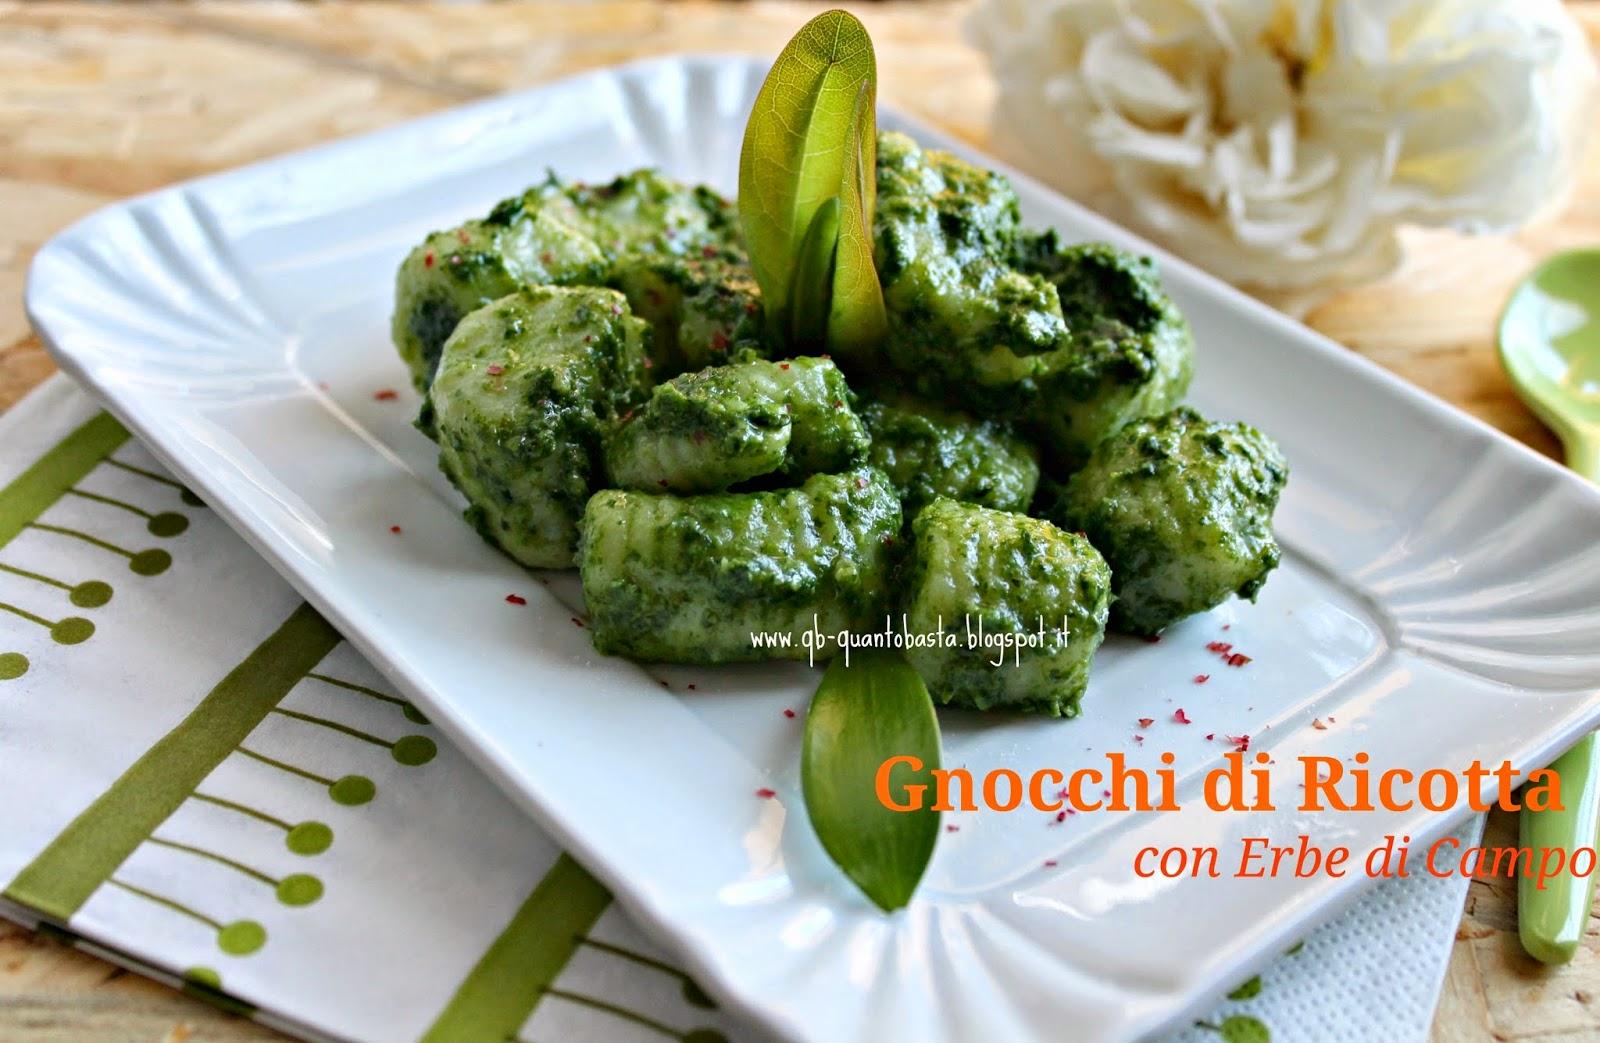 www.qb-quantobasta.blogspot.it - Gnocchi di ricotta con erbe di campo